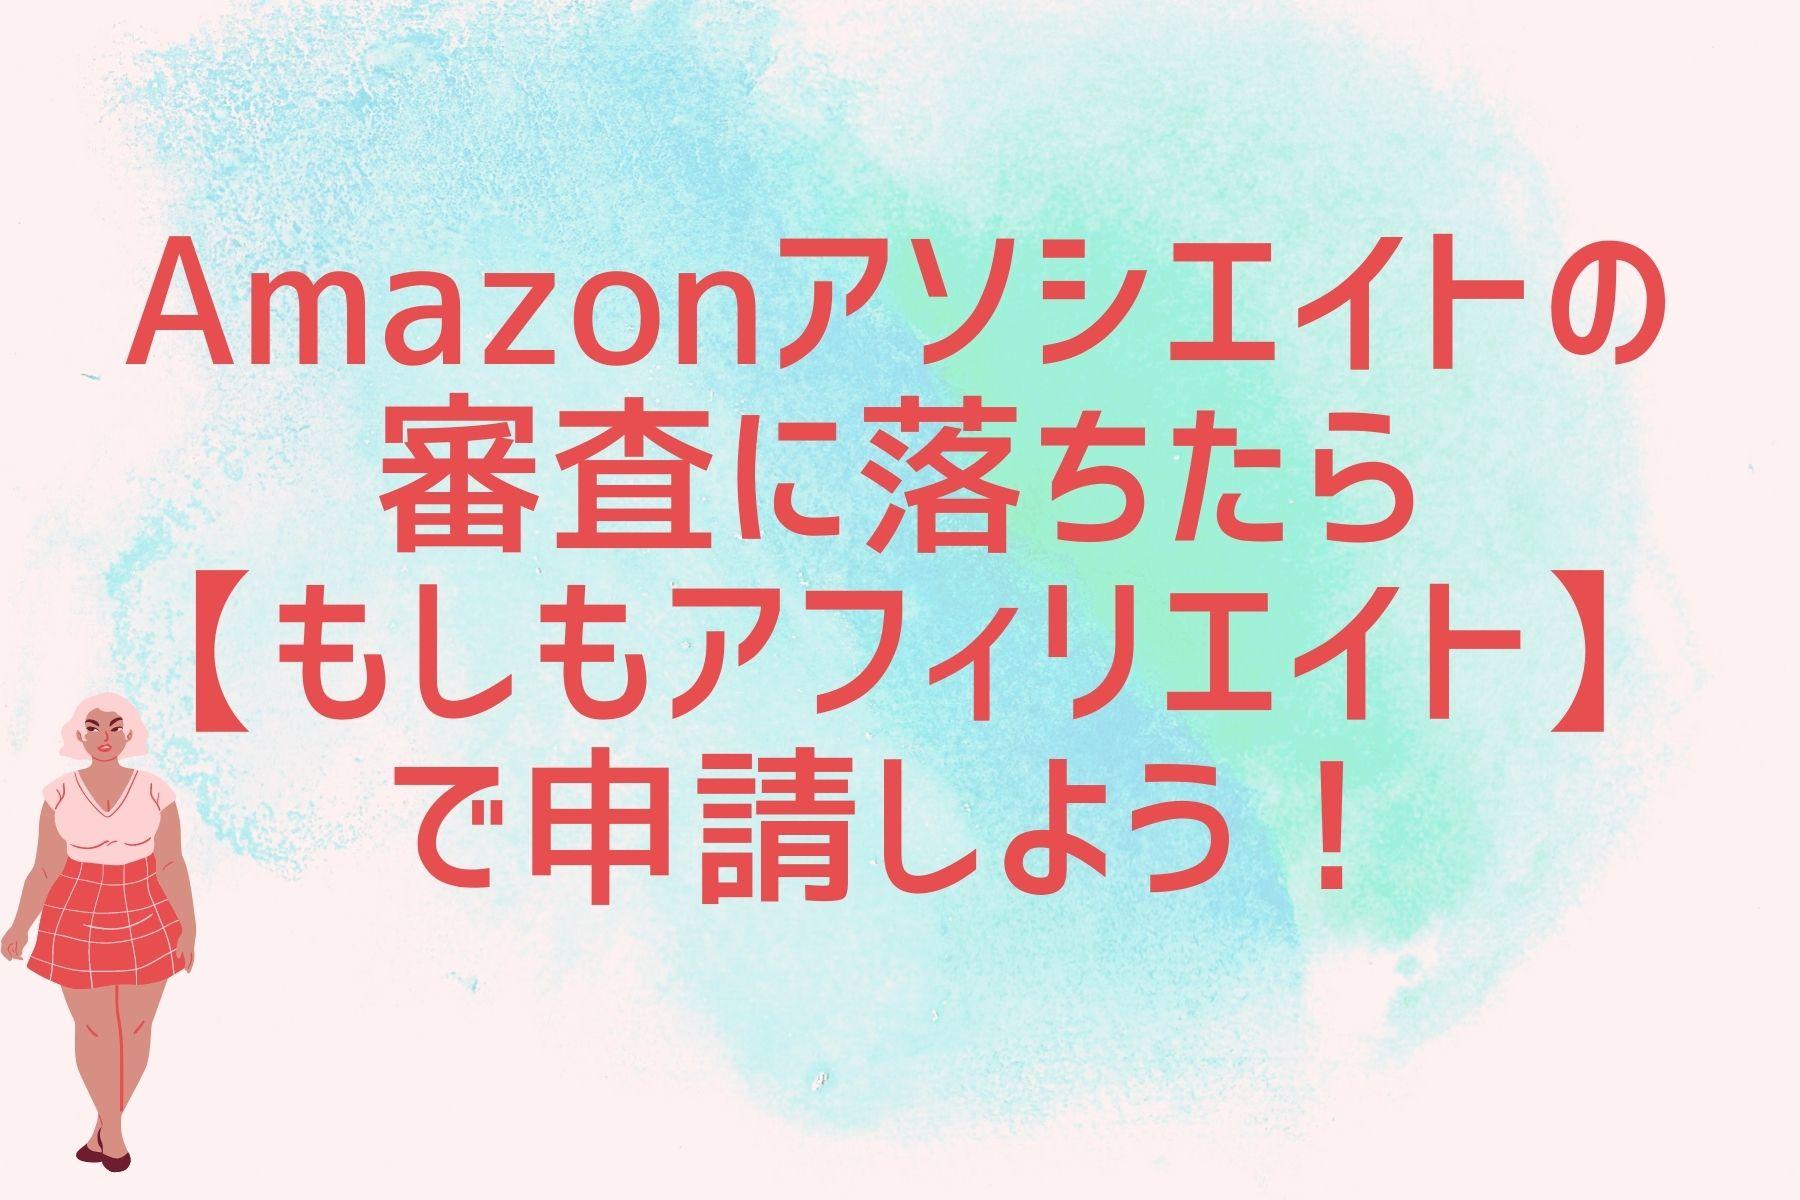 Amazonアソシエイトの審査に落ちたら【もしもアフィリエイト】で申請しよう!